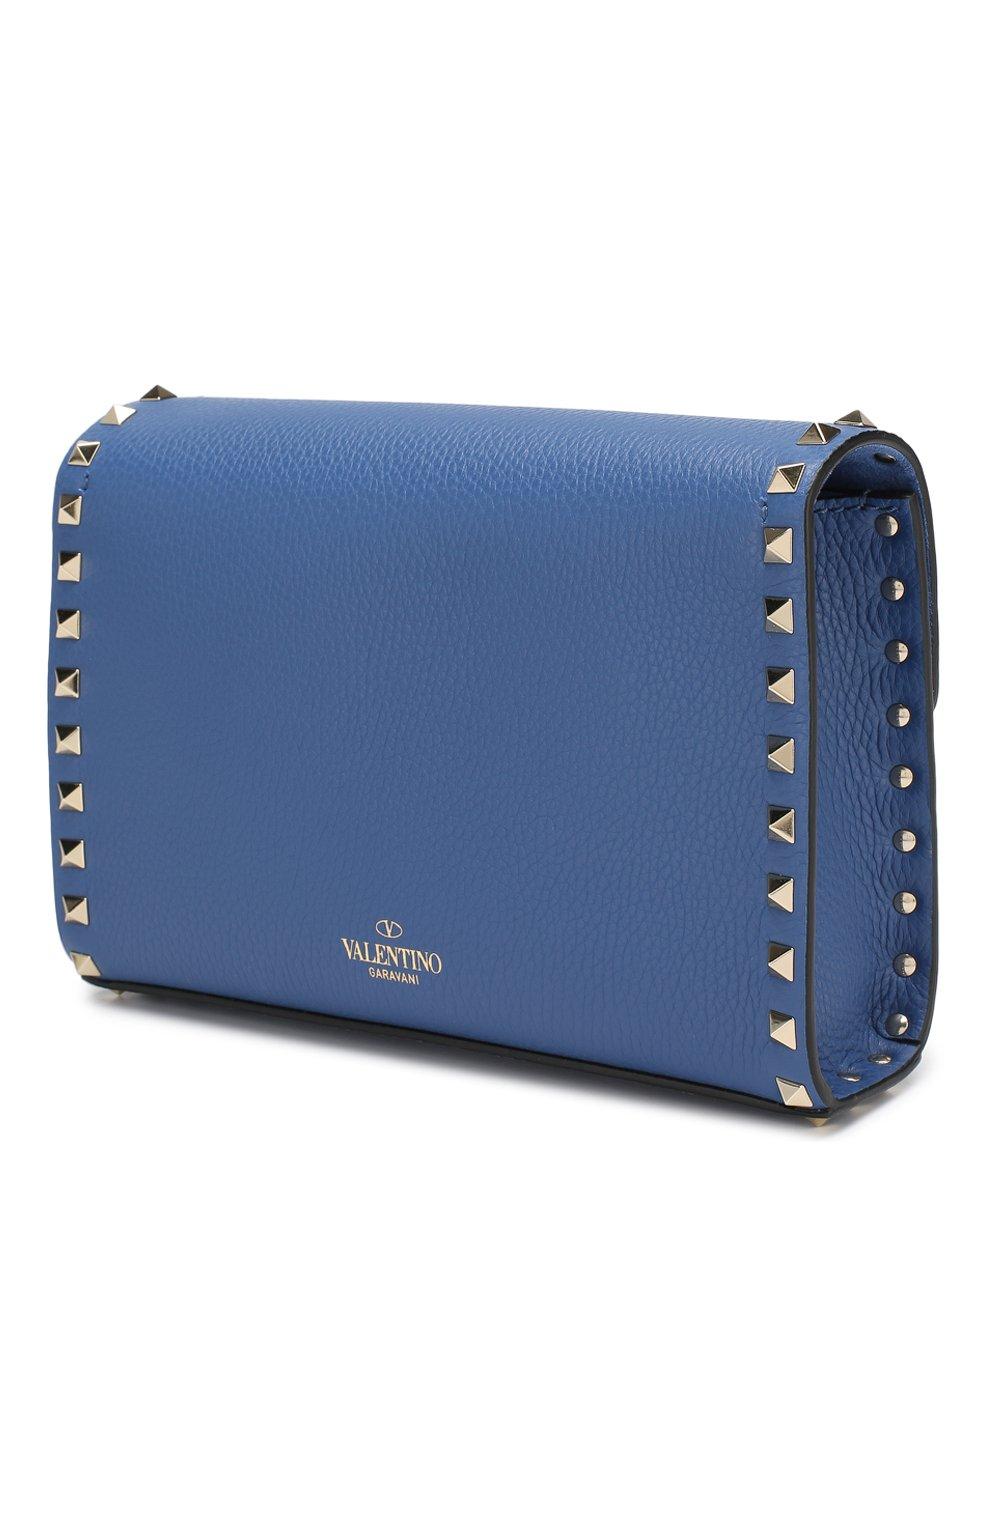 bfc974094247 Сумки Valentino по цене от 38 950 руб. купить в интернет-магазине ЦУМ